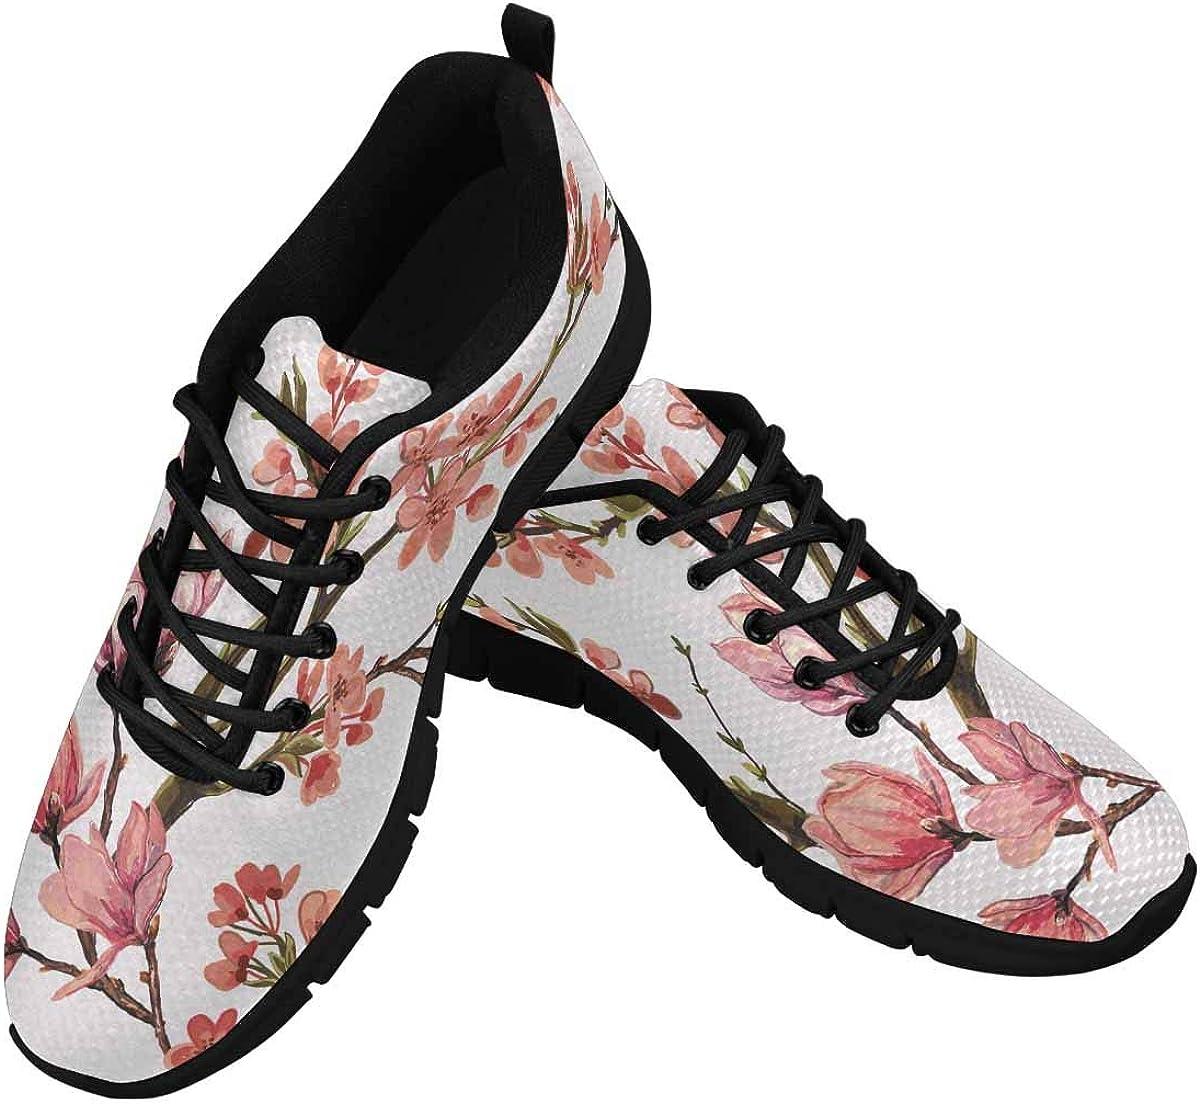 INTERESTPRINT Pink Japanese Cherry Blossom Women's Tennis Running Shoes Lightweight Sneakers